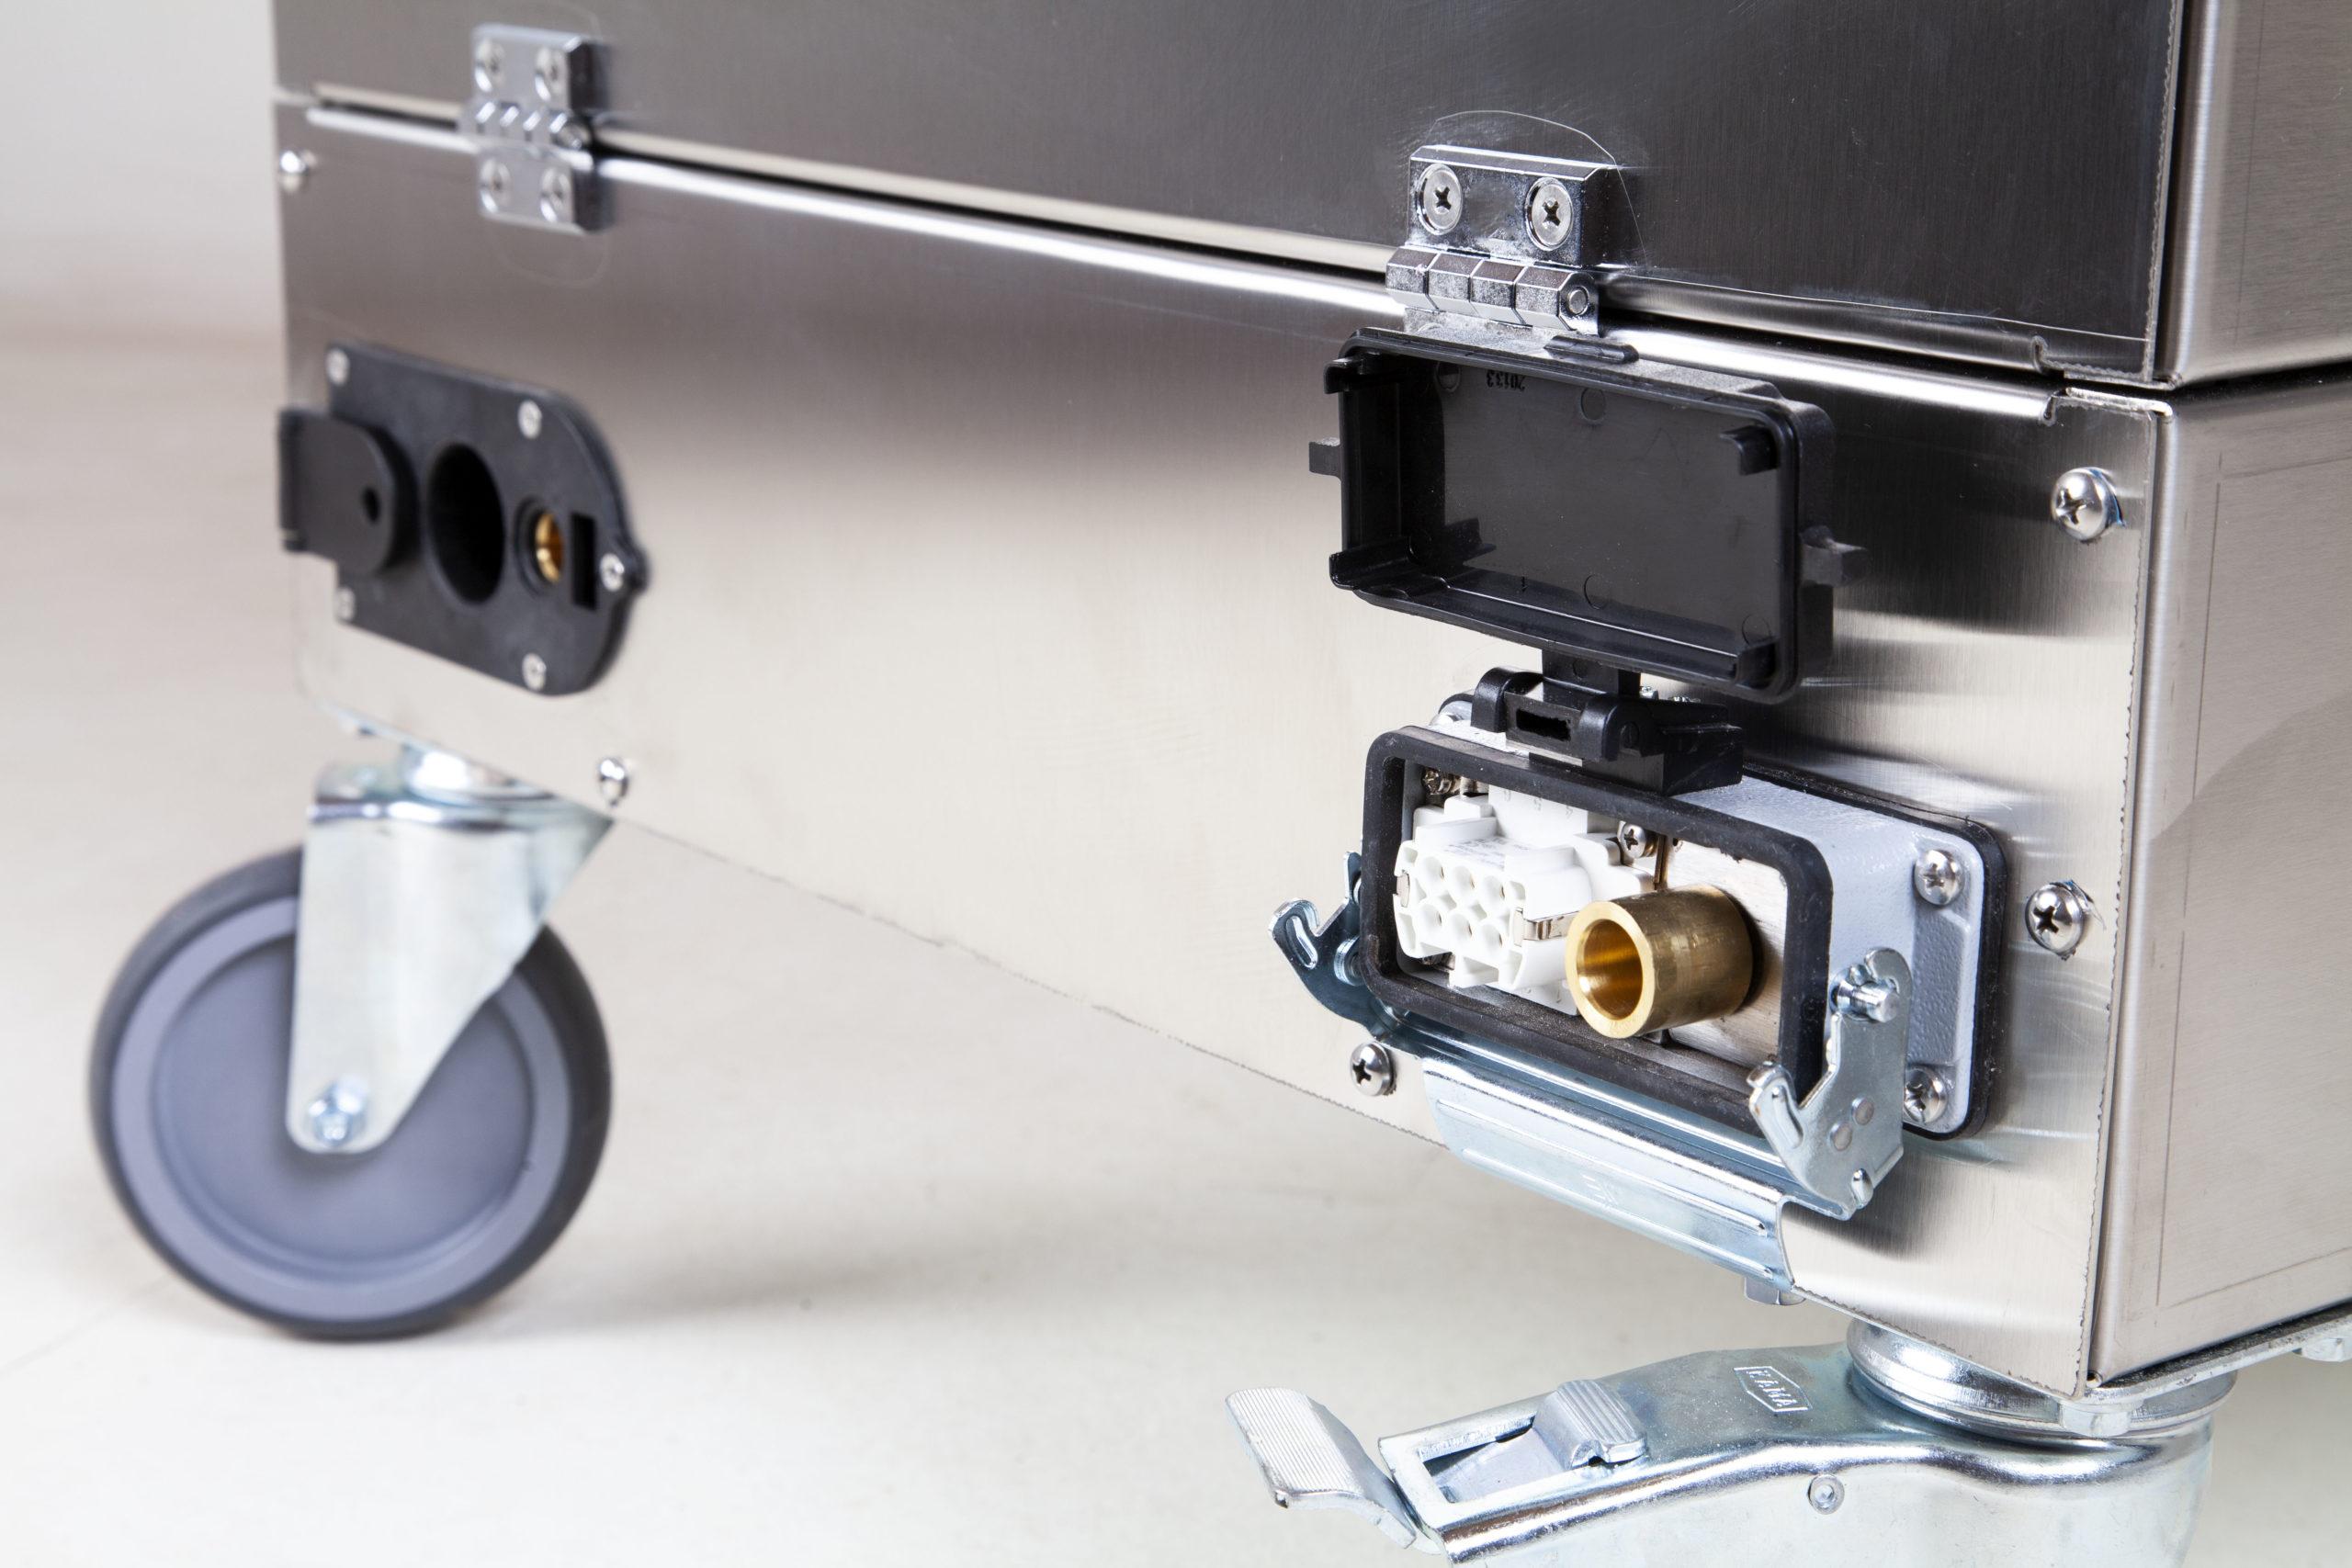 Uni SVC 9-18 Buharlı Temizlik Makinesi Arka Soket Girişi Görünüm